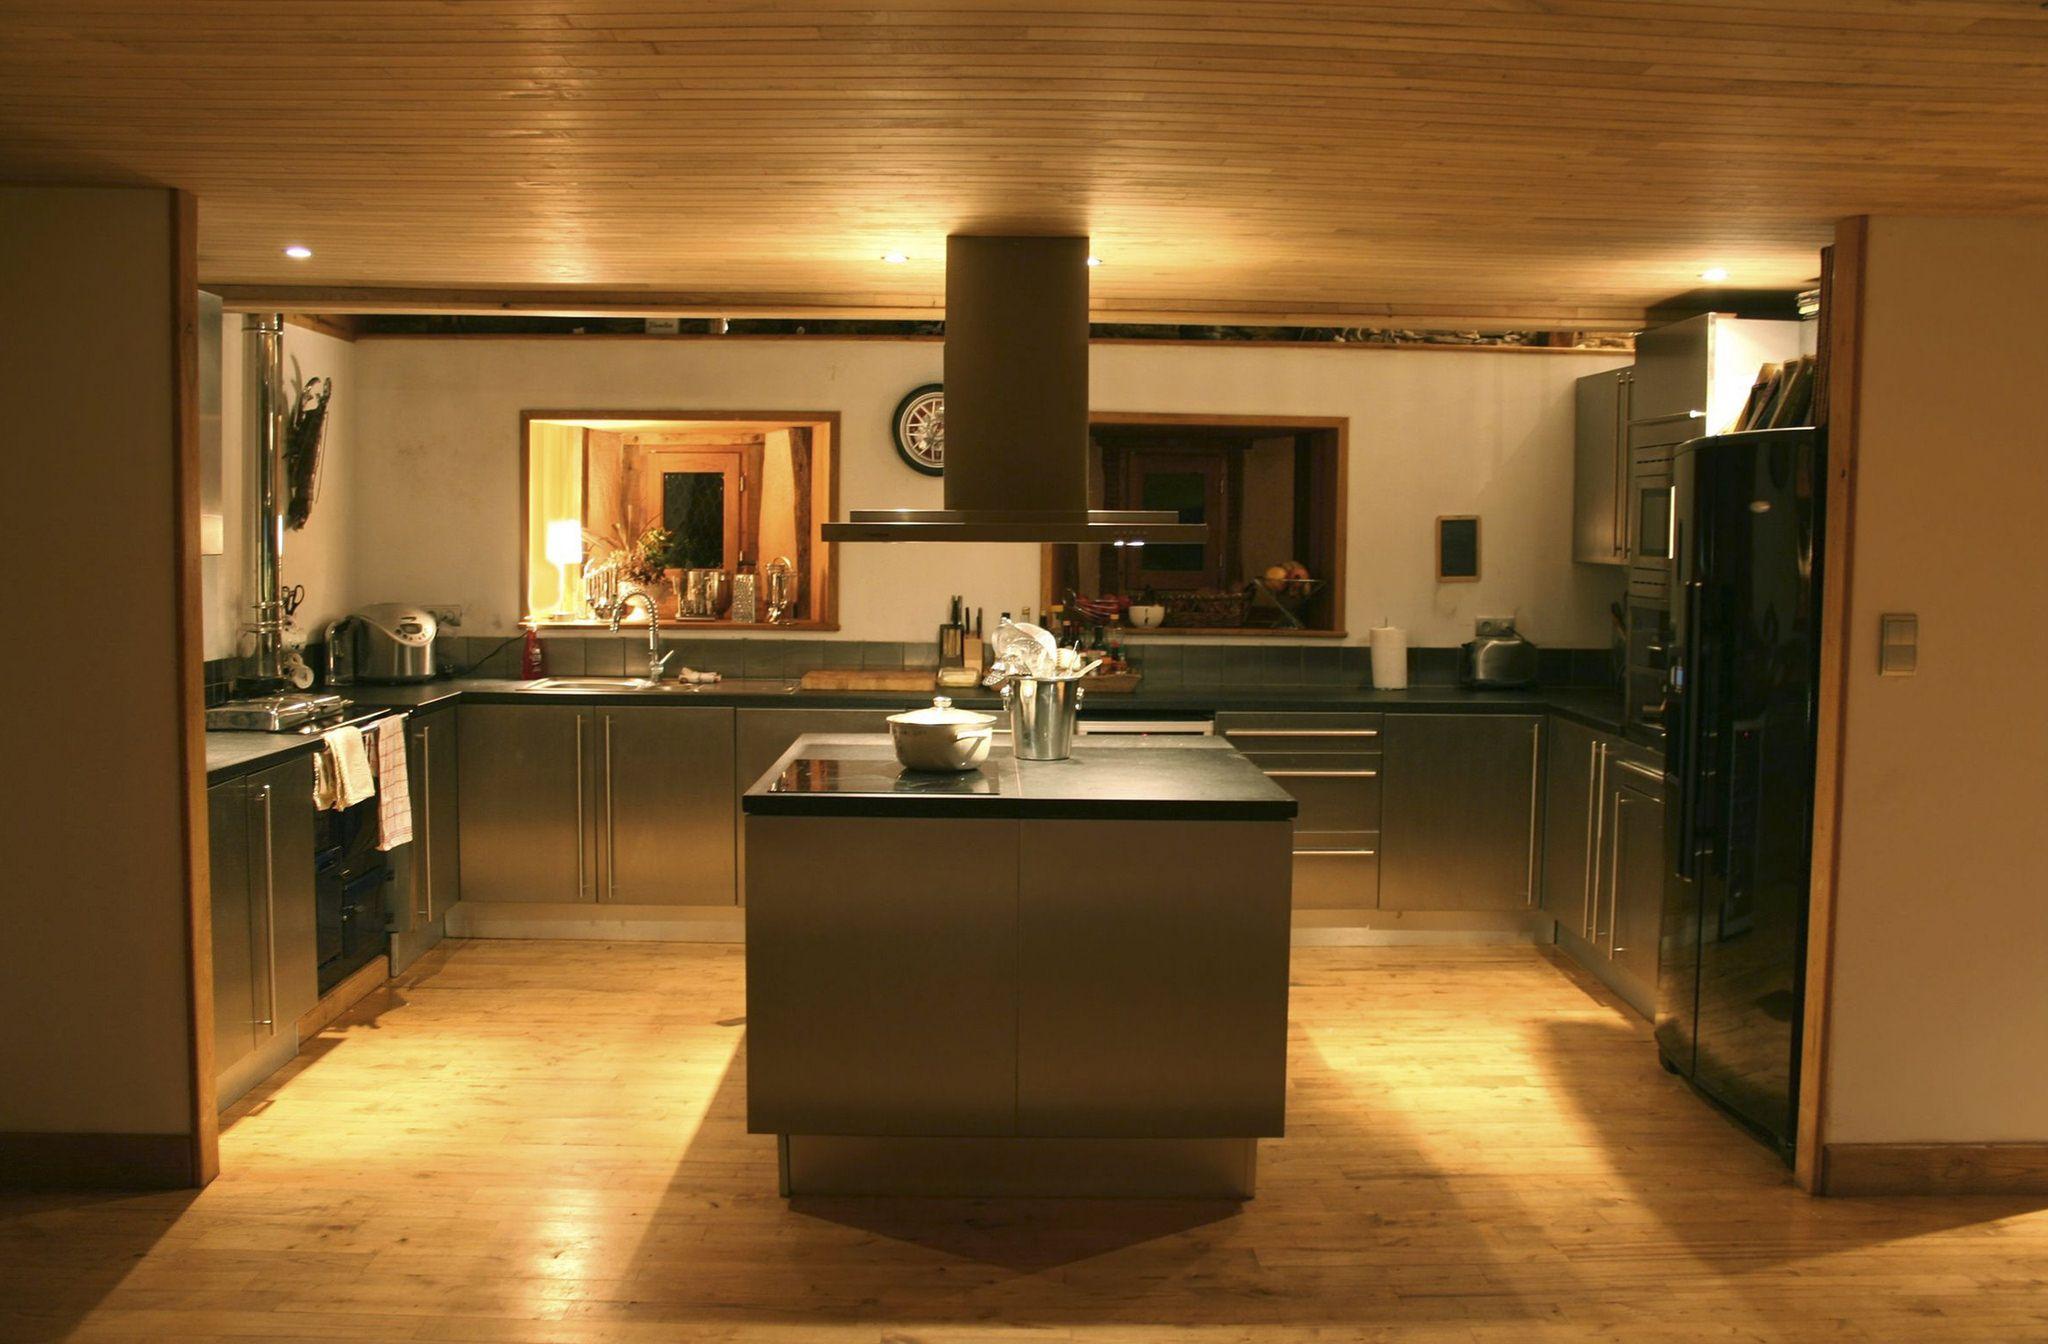 מטבחים - מטבחים מודרניים